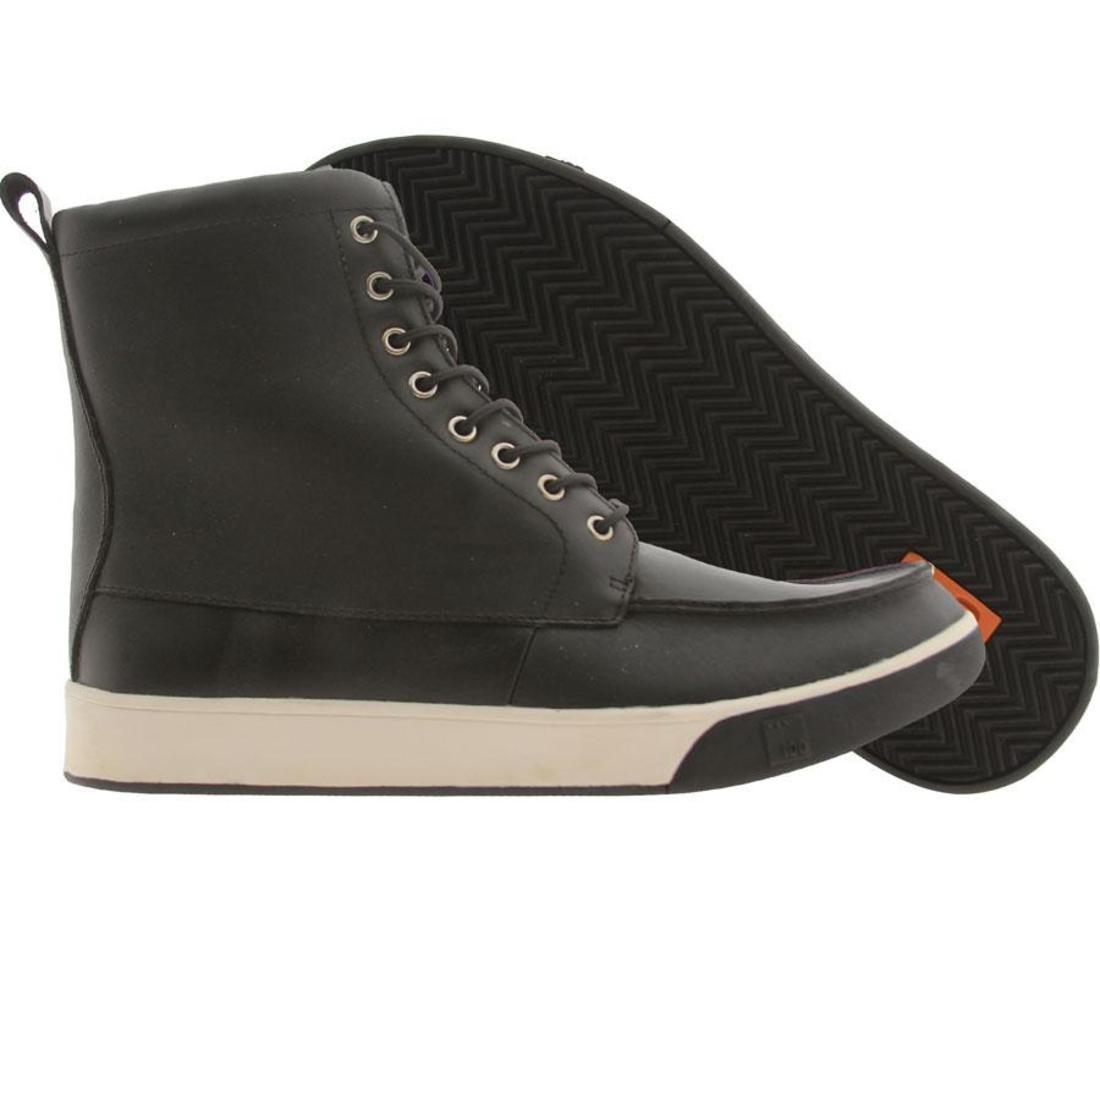 【海外限定】メンズ靴 スニーカー 【 100 STYLES AND RUNNING LOWELL BLACK 】